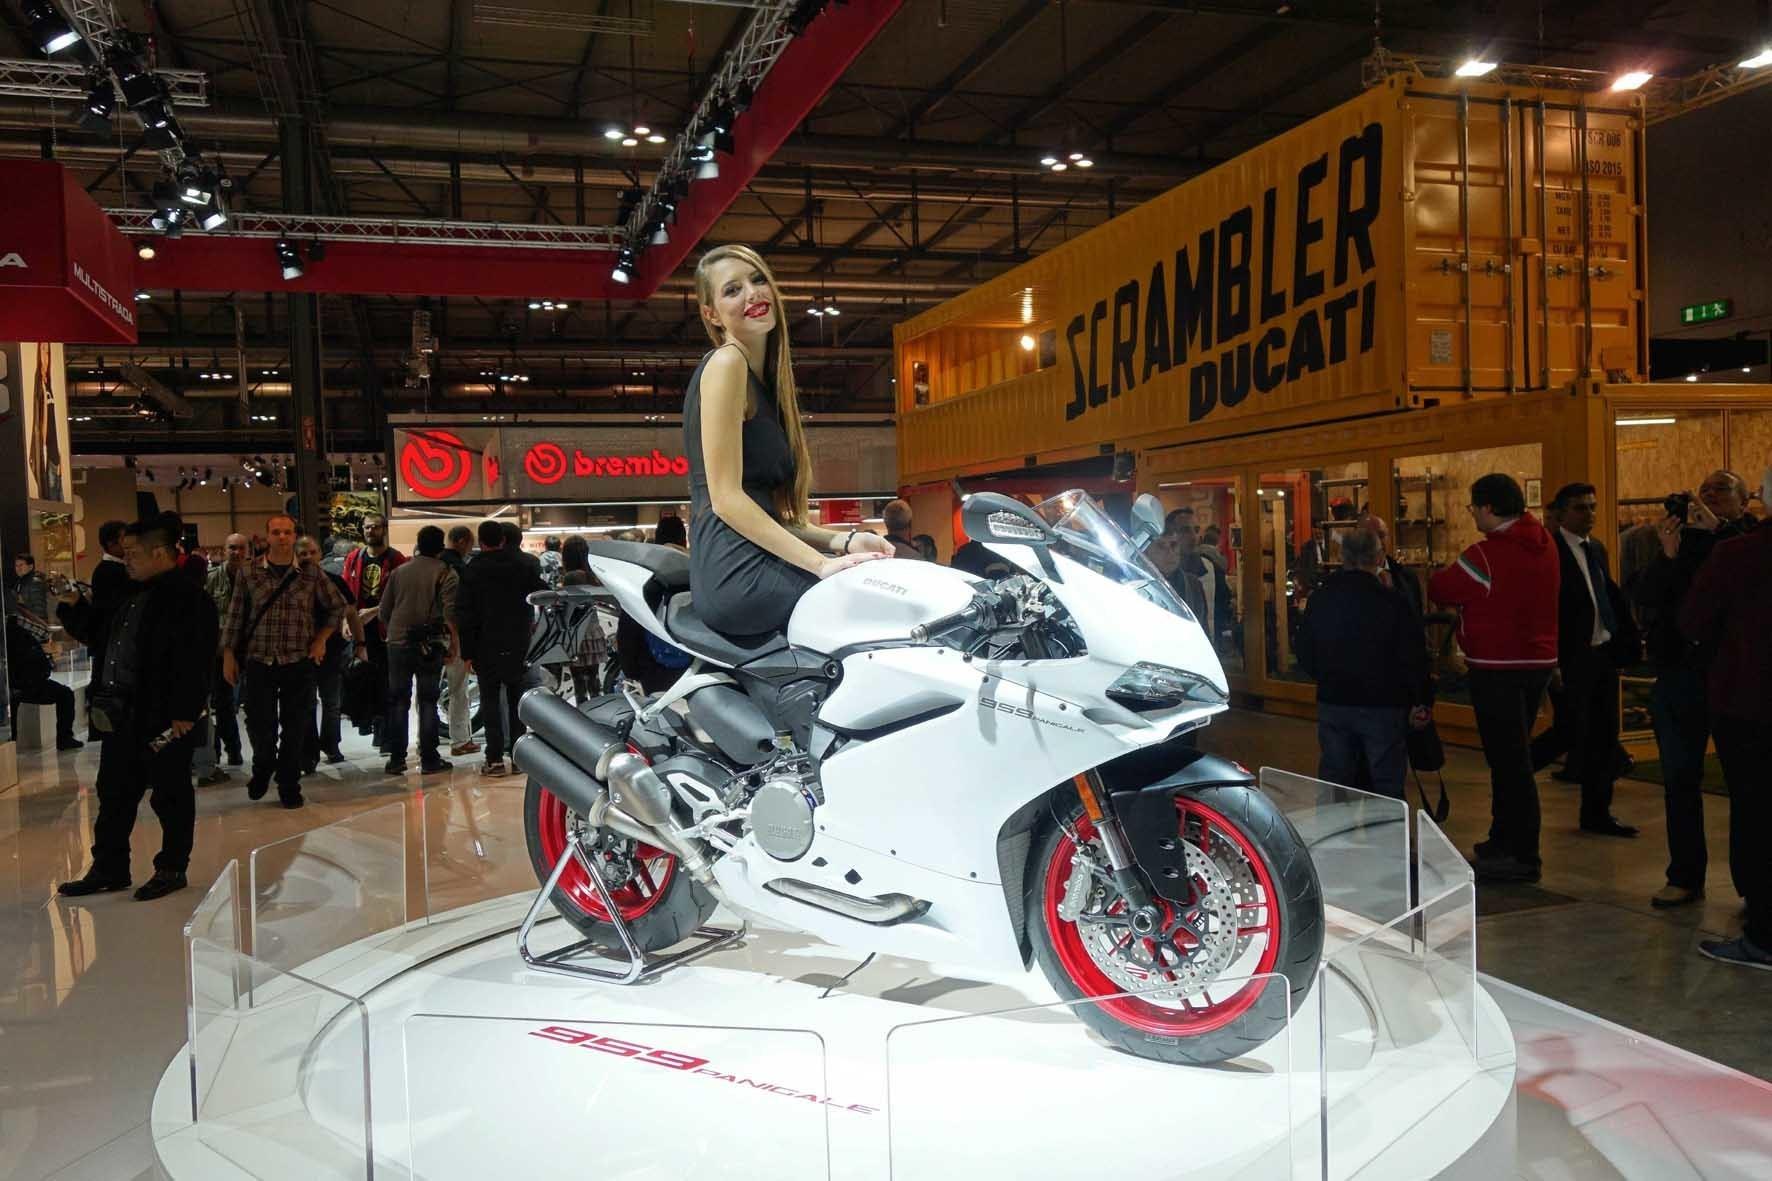 """mid Mailand - Schöne Aussichten: Ducati startet beim Heimspiel in Mailand eine Neuheiten-Offensive. Die dort präsentierte neue Panigale 959 mit 157 PS gilt als """"Einsteiger"""" in die Supersport-Welt."""